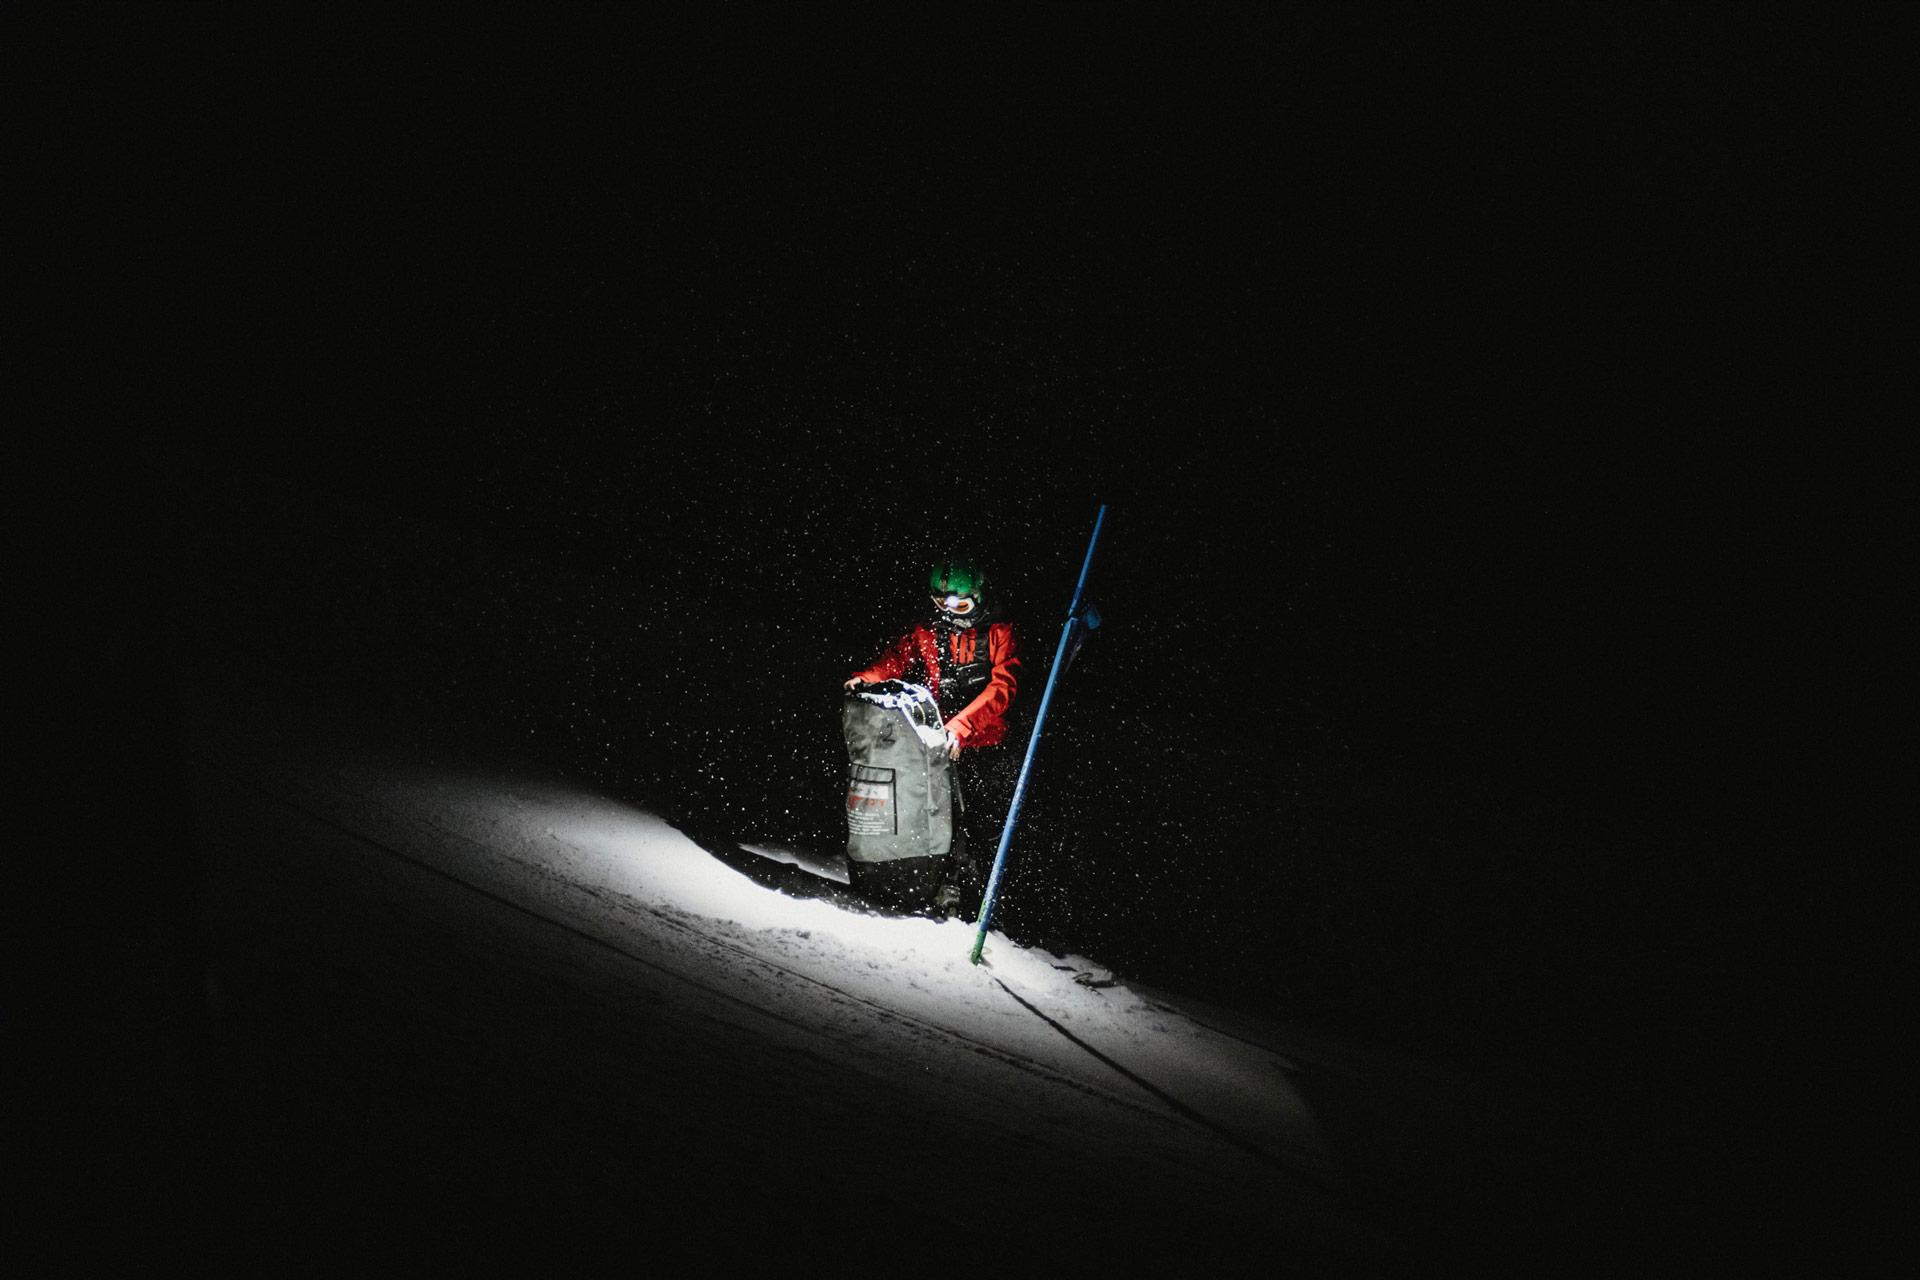 Dokumentation FIS Ski Weltcup Garmisch-Partenkrichen